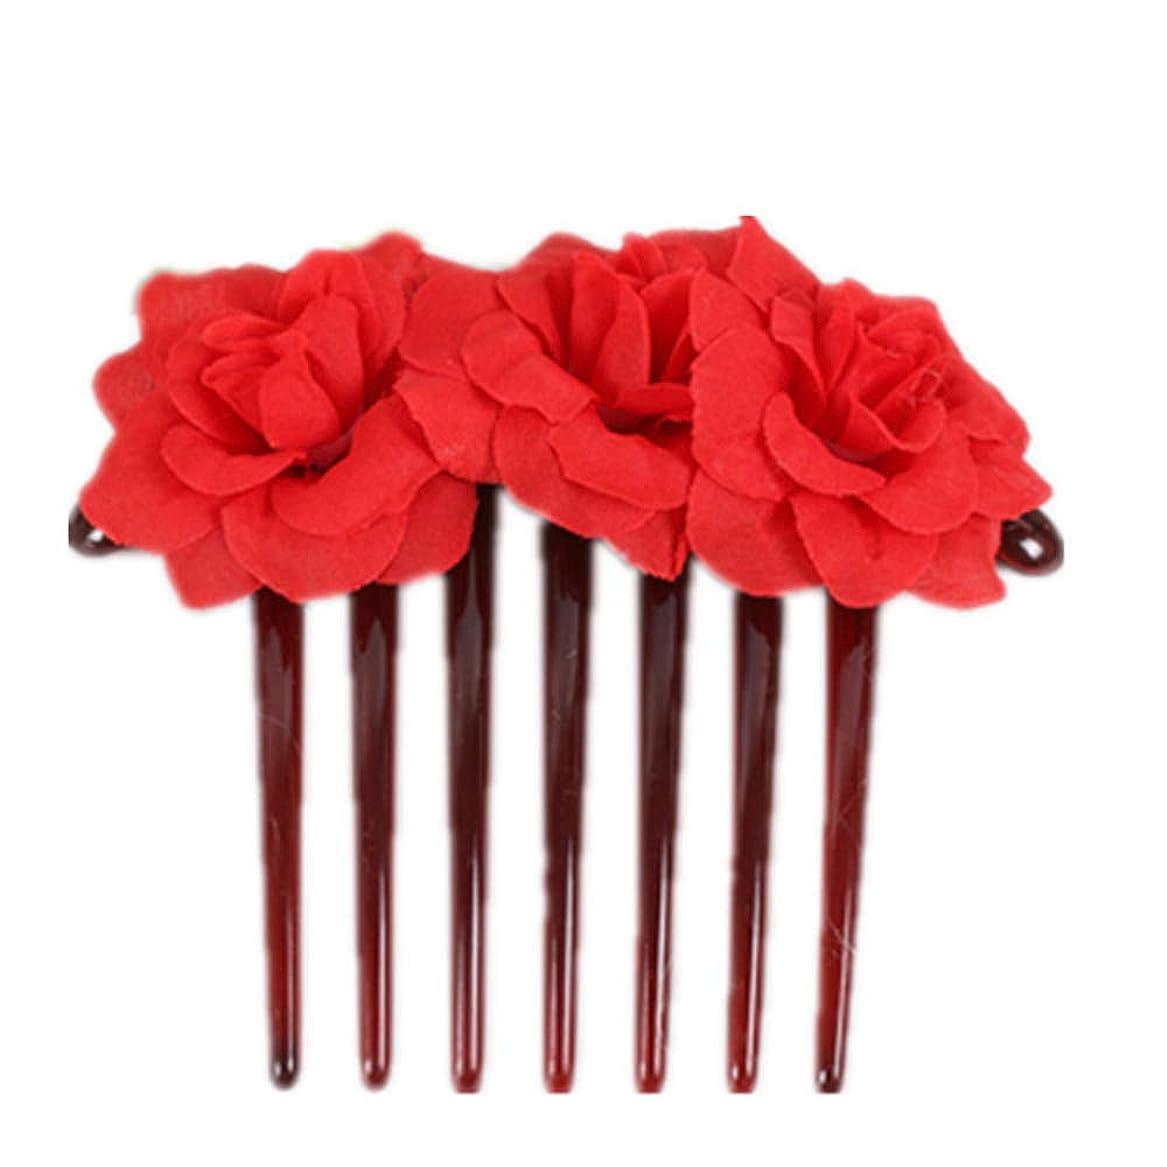 技術者抜け目がない状況1st market プレミアム品質シミュレーション花花嫁の髪櫛頭飾りヘアピンクリップ櫛スタイリングアクセサリー、赤